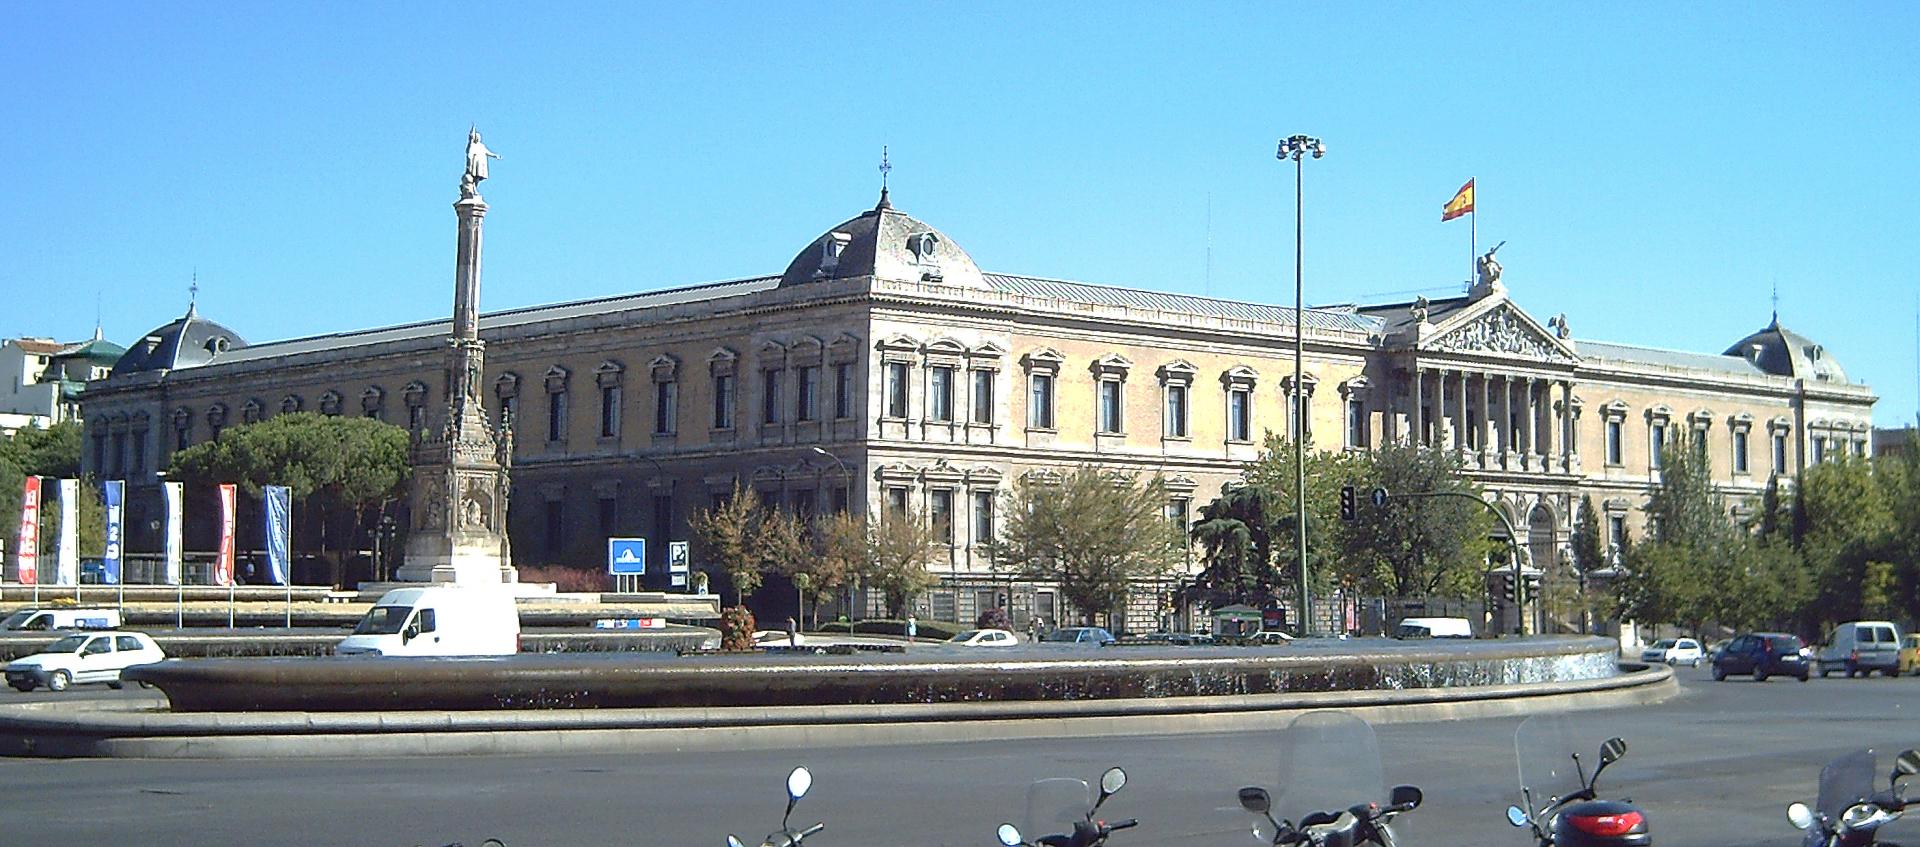 Thư viện quốc gia Tây Ban Nha và những bức tượng đá tuyệt tác